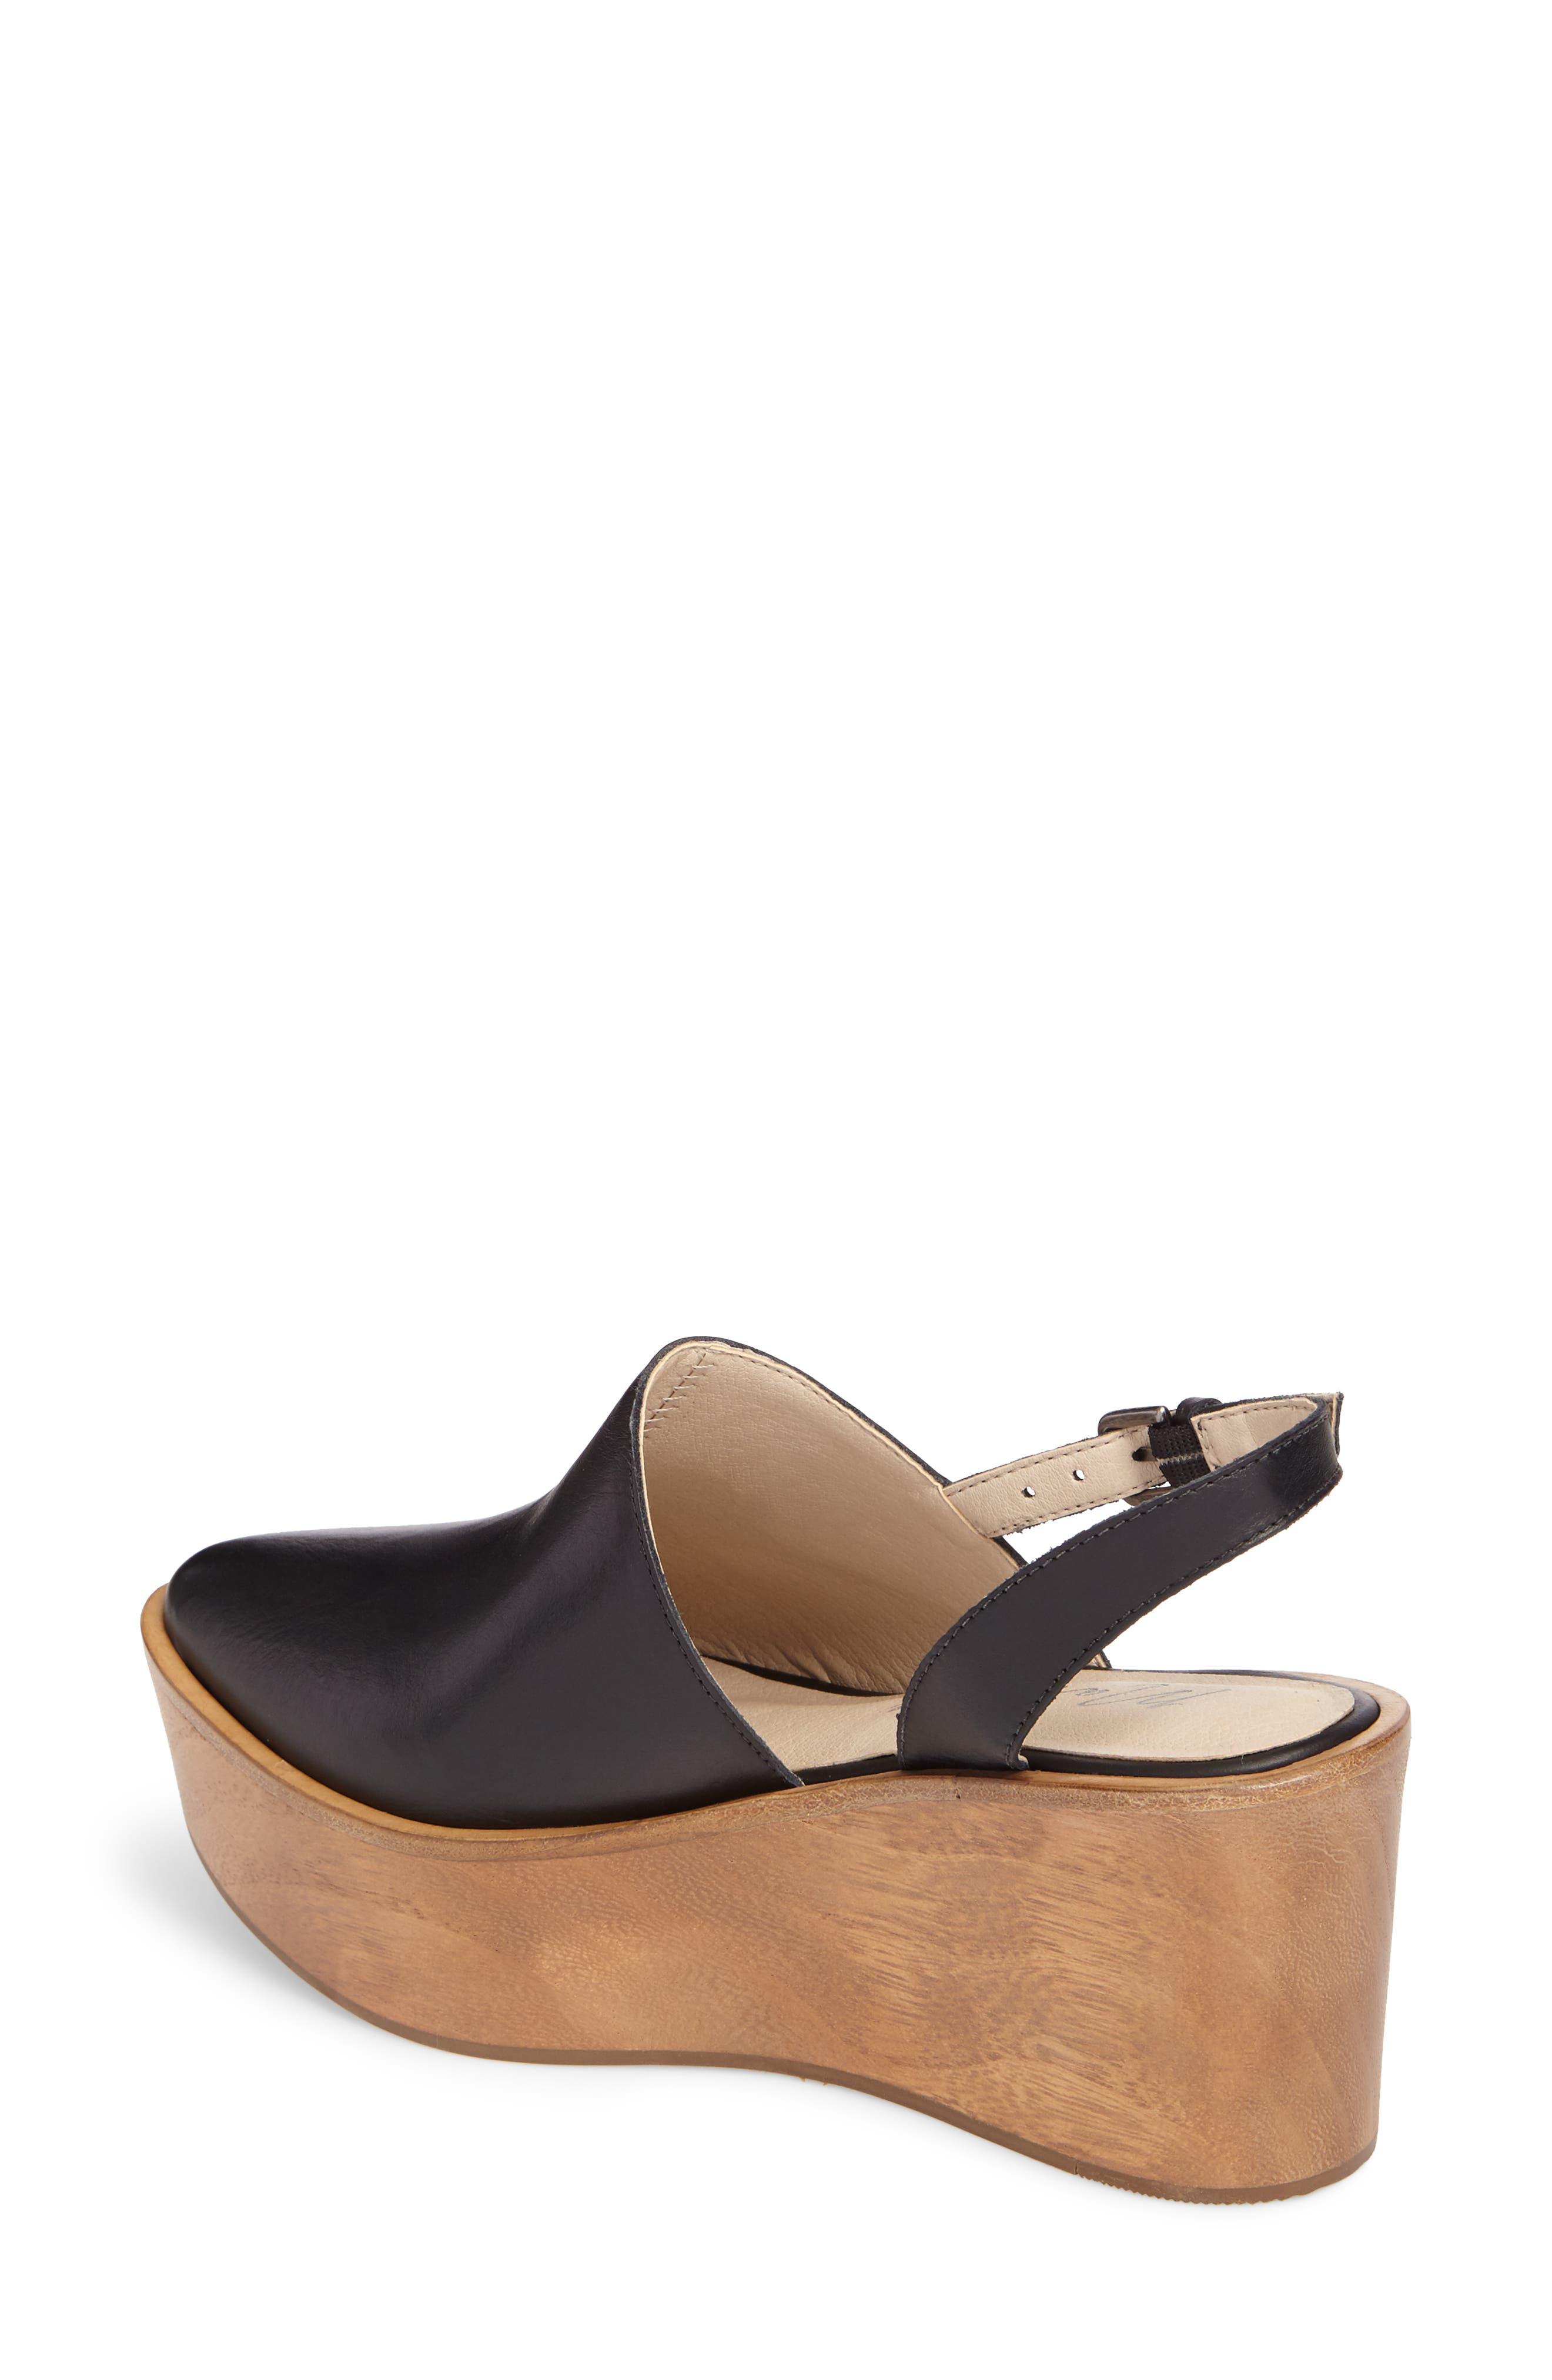 Eyals Slingback Platform Wedge Sandal,                             Alternate thumbnail 2, color,                             BLACK LEATHER